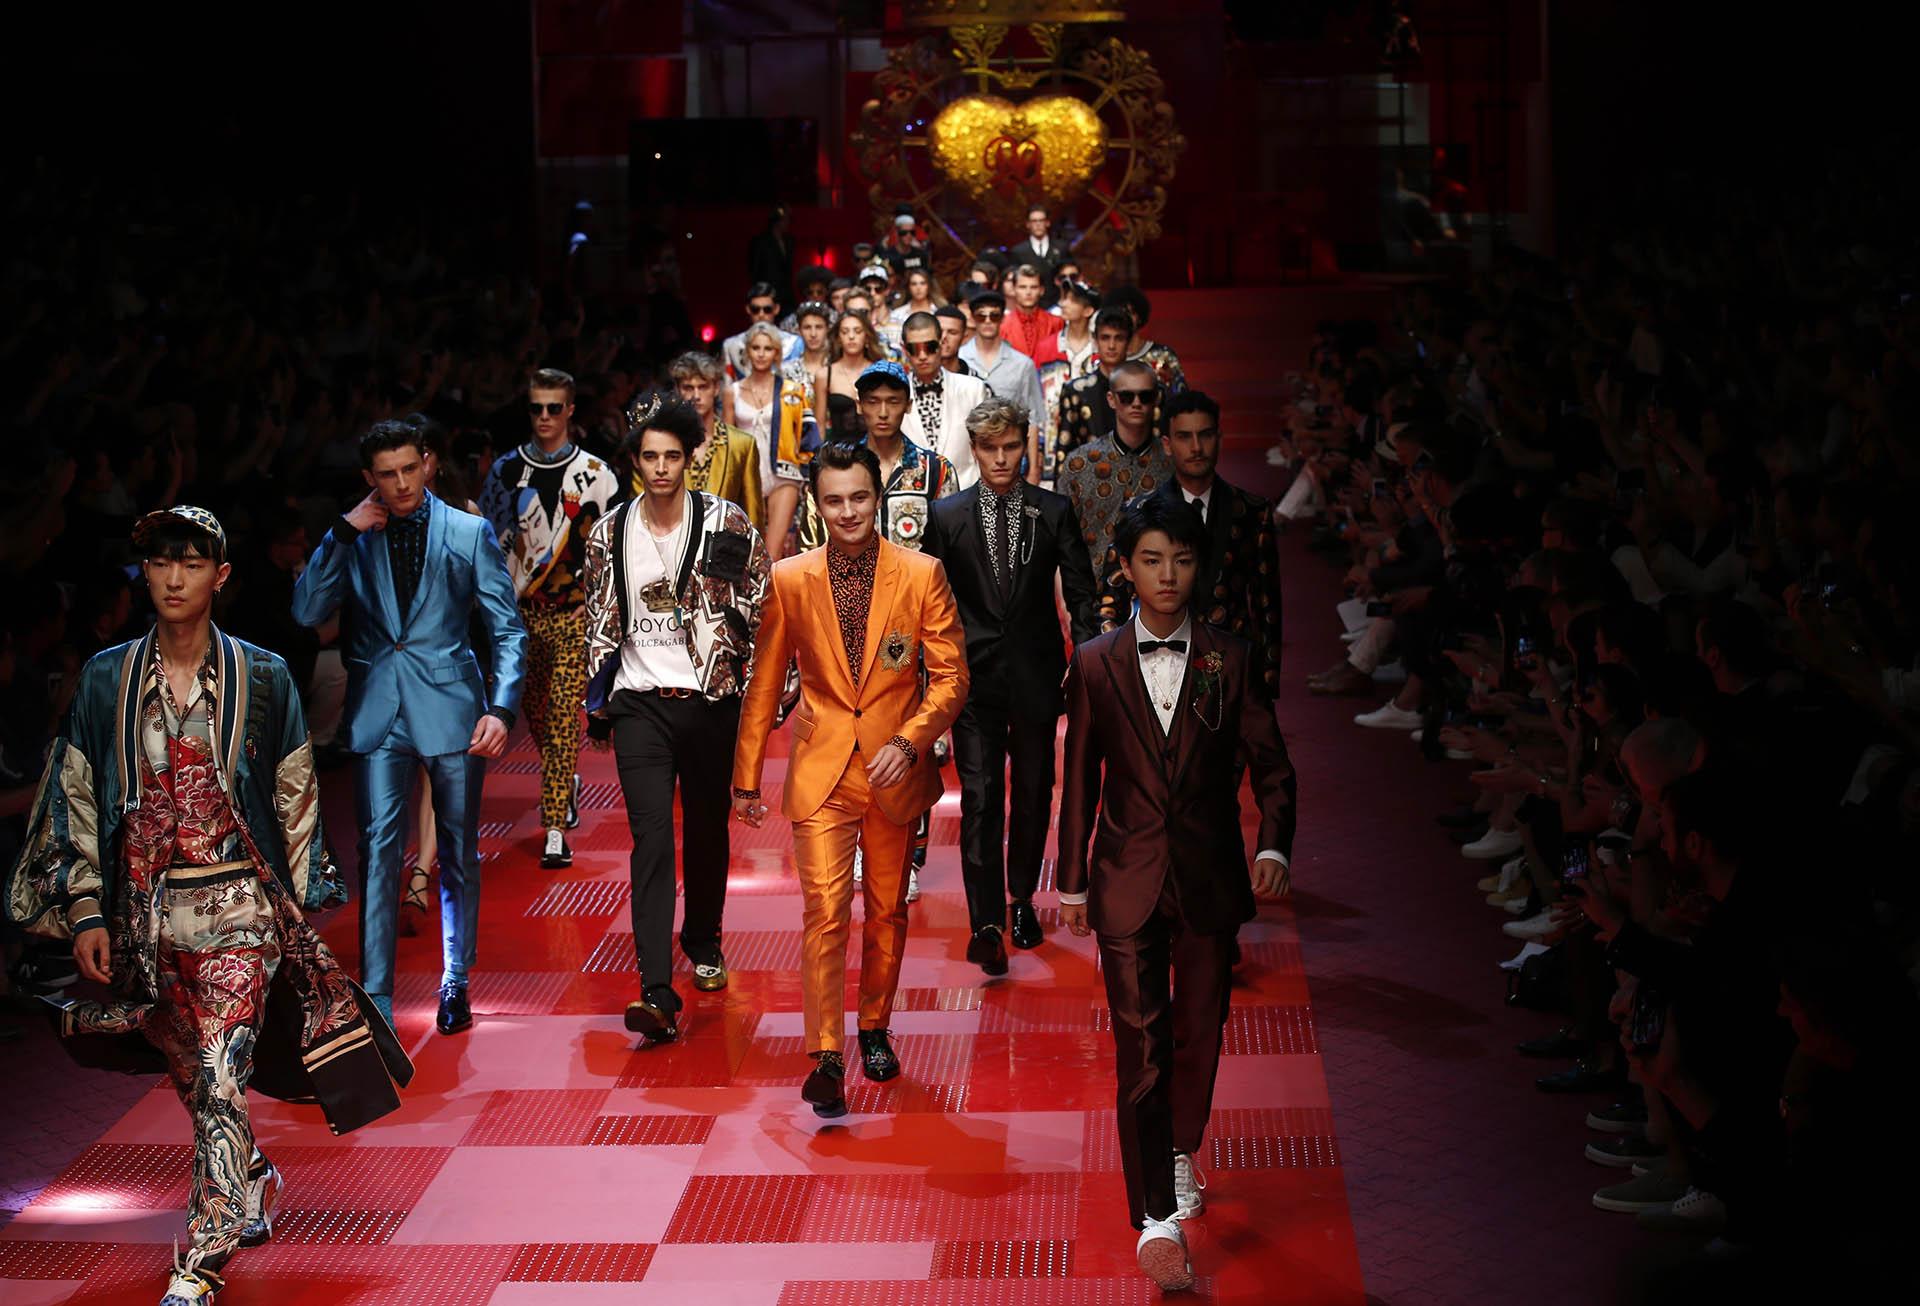 La firma de lujo italiana Dolce & Gabbana se reinventa con diseños Millennials para su colección primavera-verano 2018 (AP Photo/Antonio Calanni)